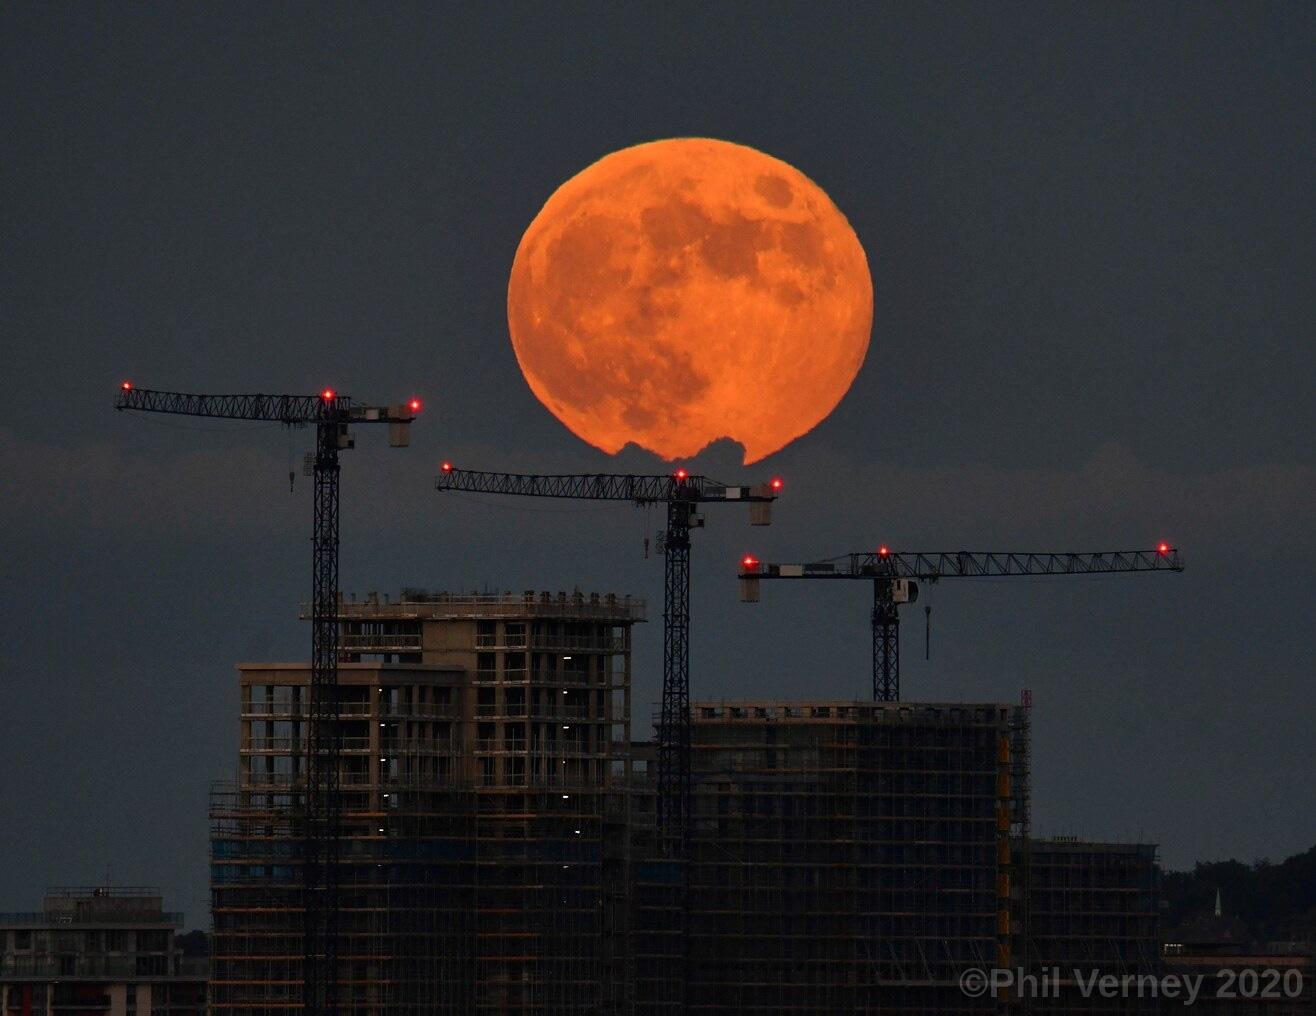 Ngất ngây với một loạt khoảnh khắc về hiện tượng mặt trăng dâu tây hiếm có diễn ra vào đêm qua, rạng sáng nay - Ảnh 4.